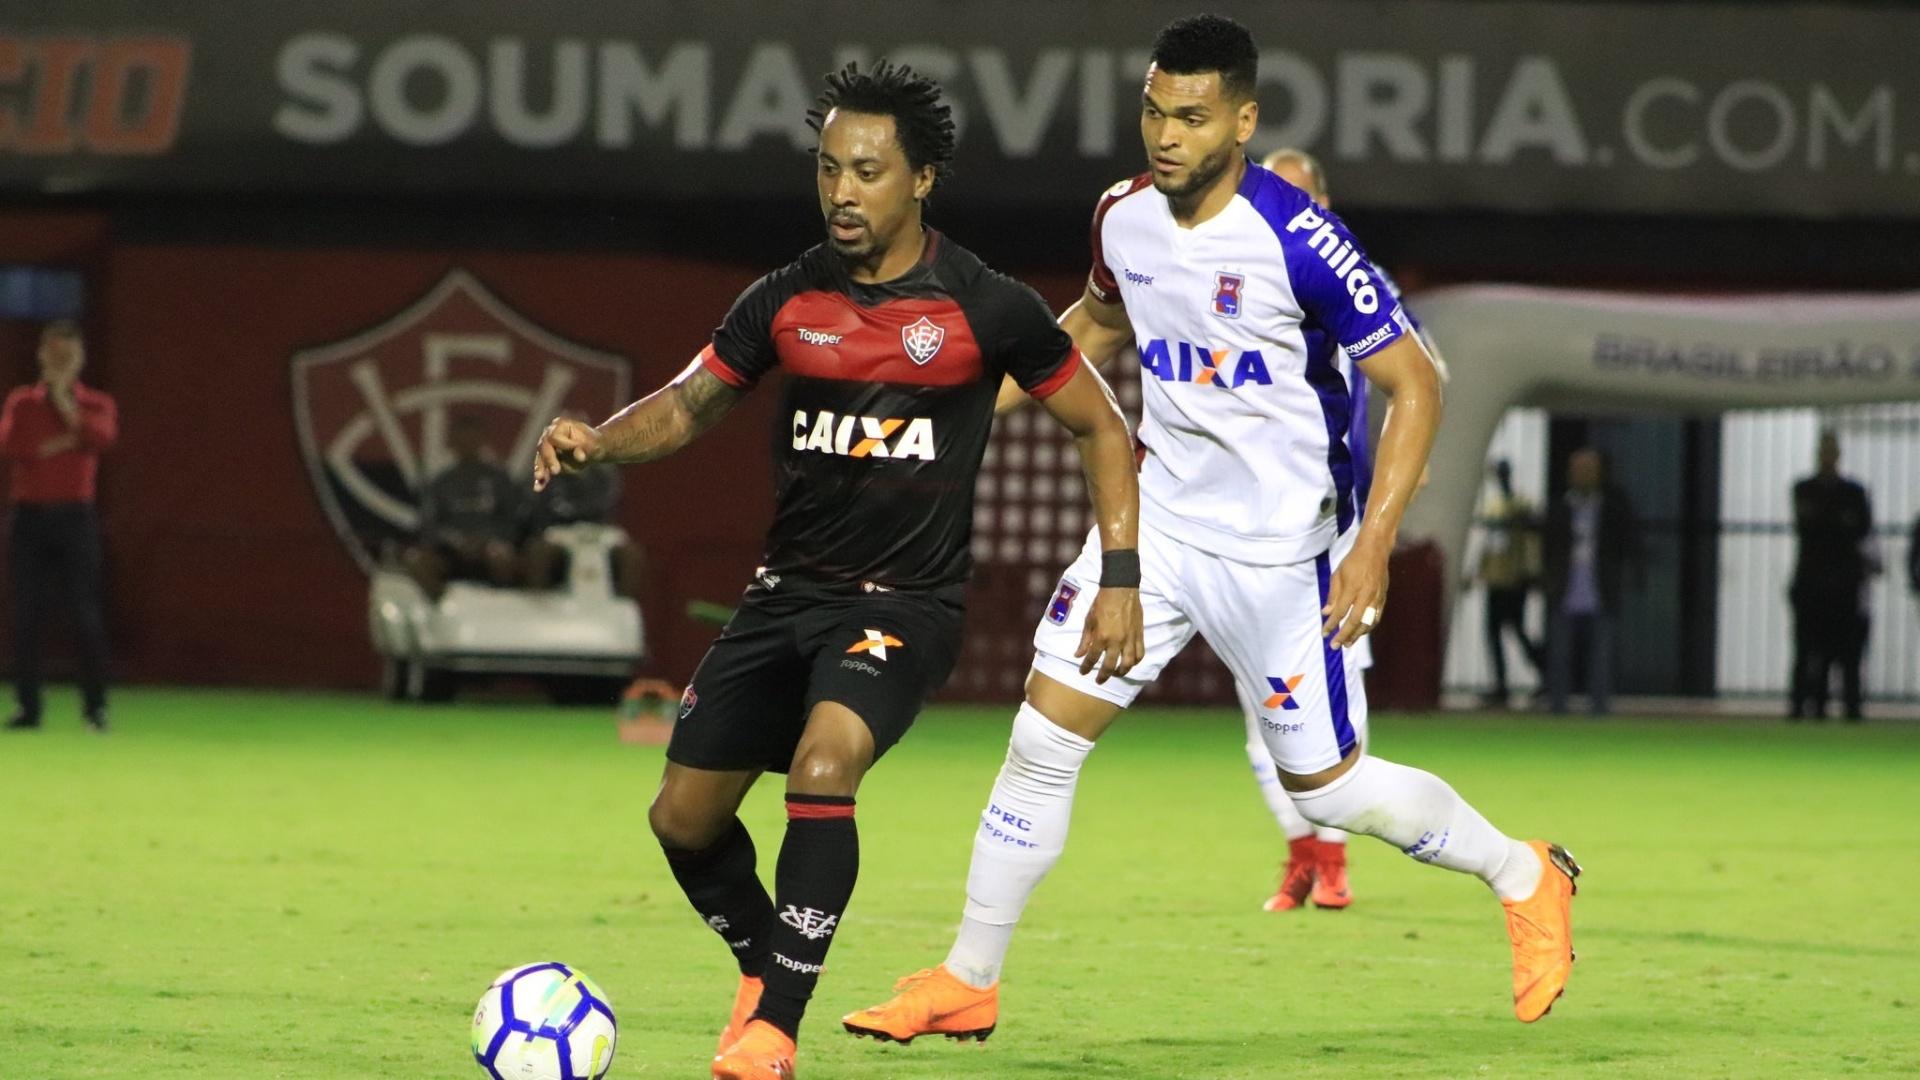 Na estreia pelo Vitória, Arouca domina a bola e é acompanhado por marcador do Paraná